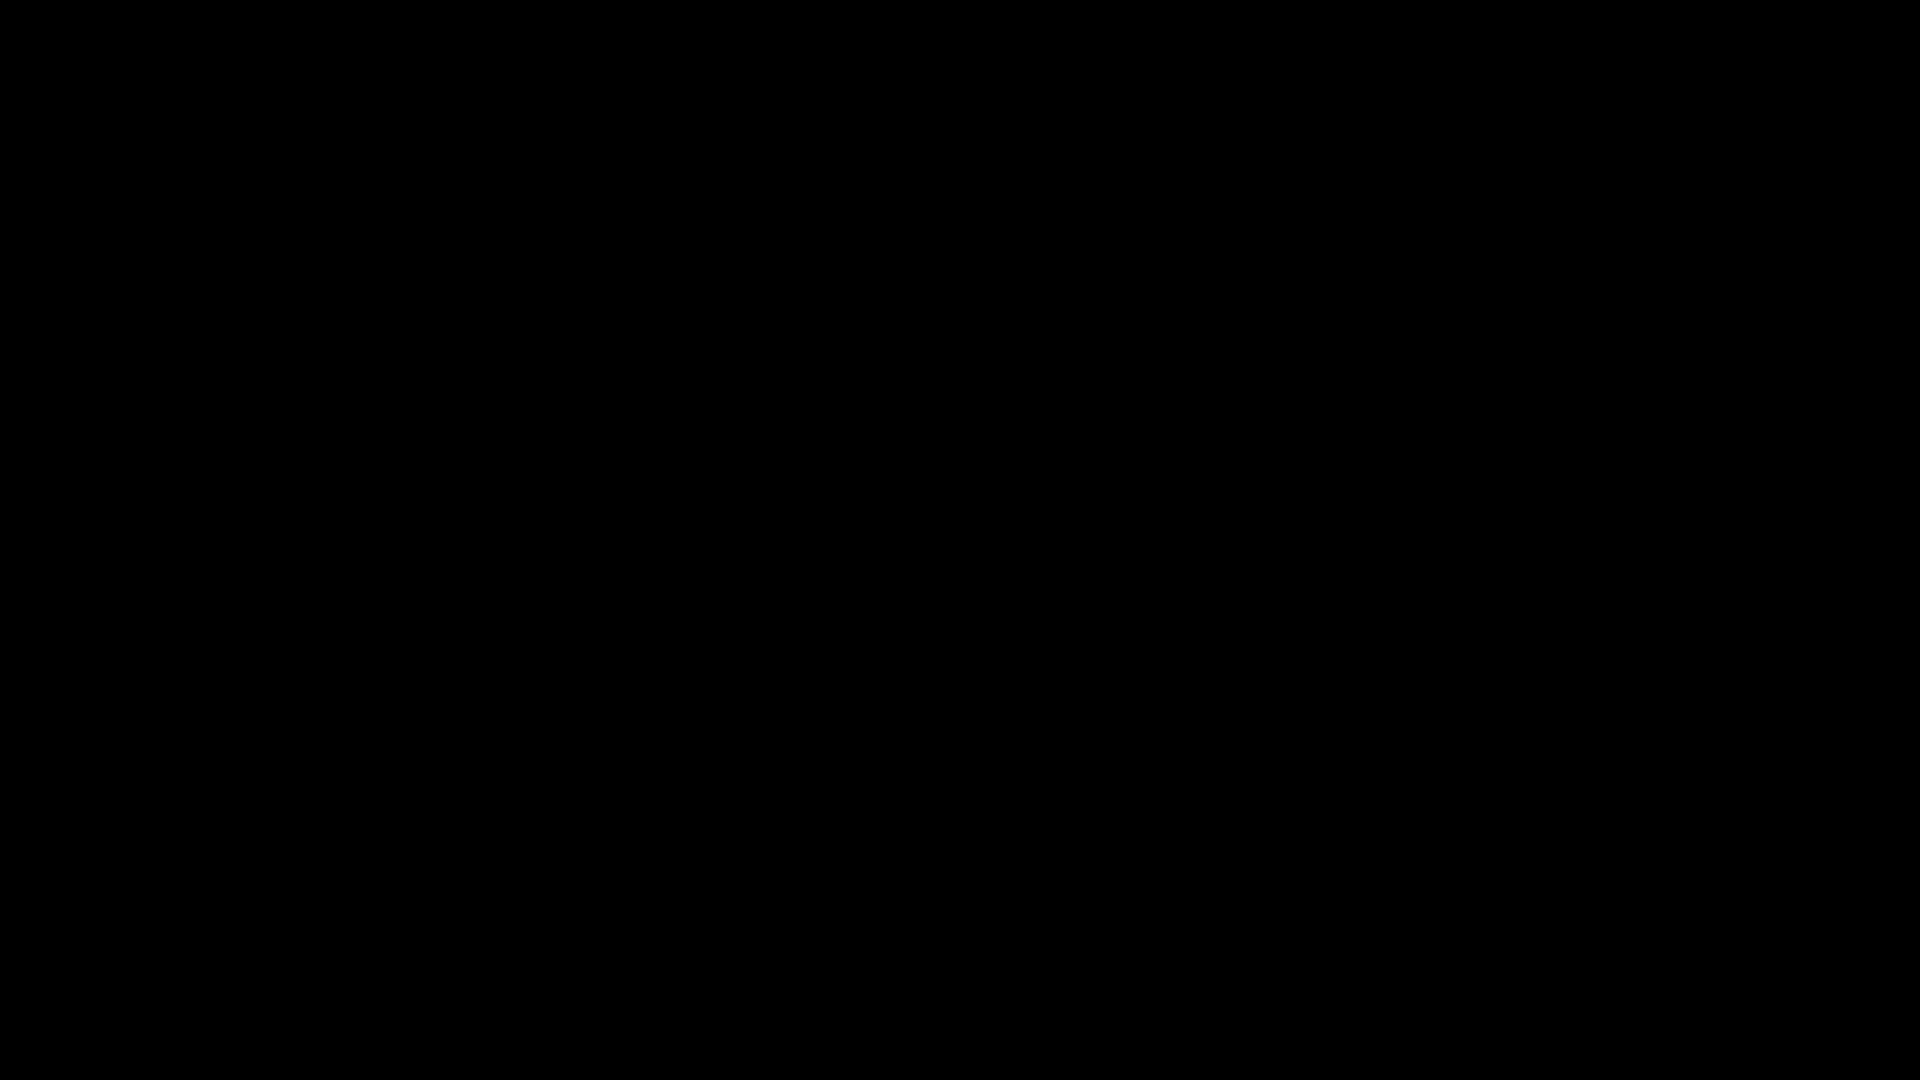 高画質露天女風呂観察 vol.032 望遠 アダルト動画キャプチャ 98枚 20